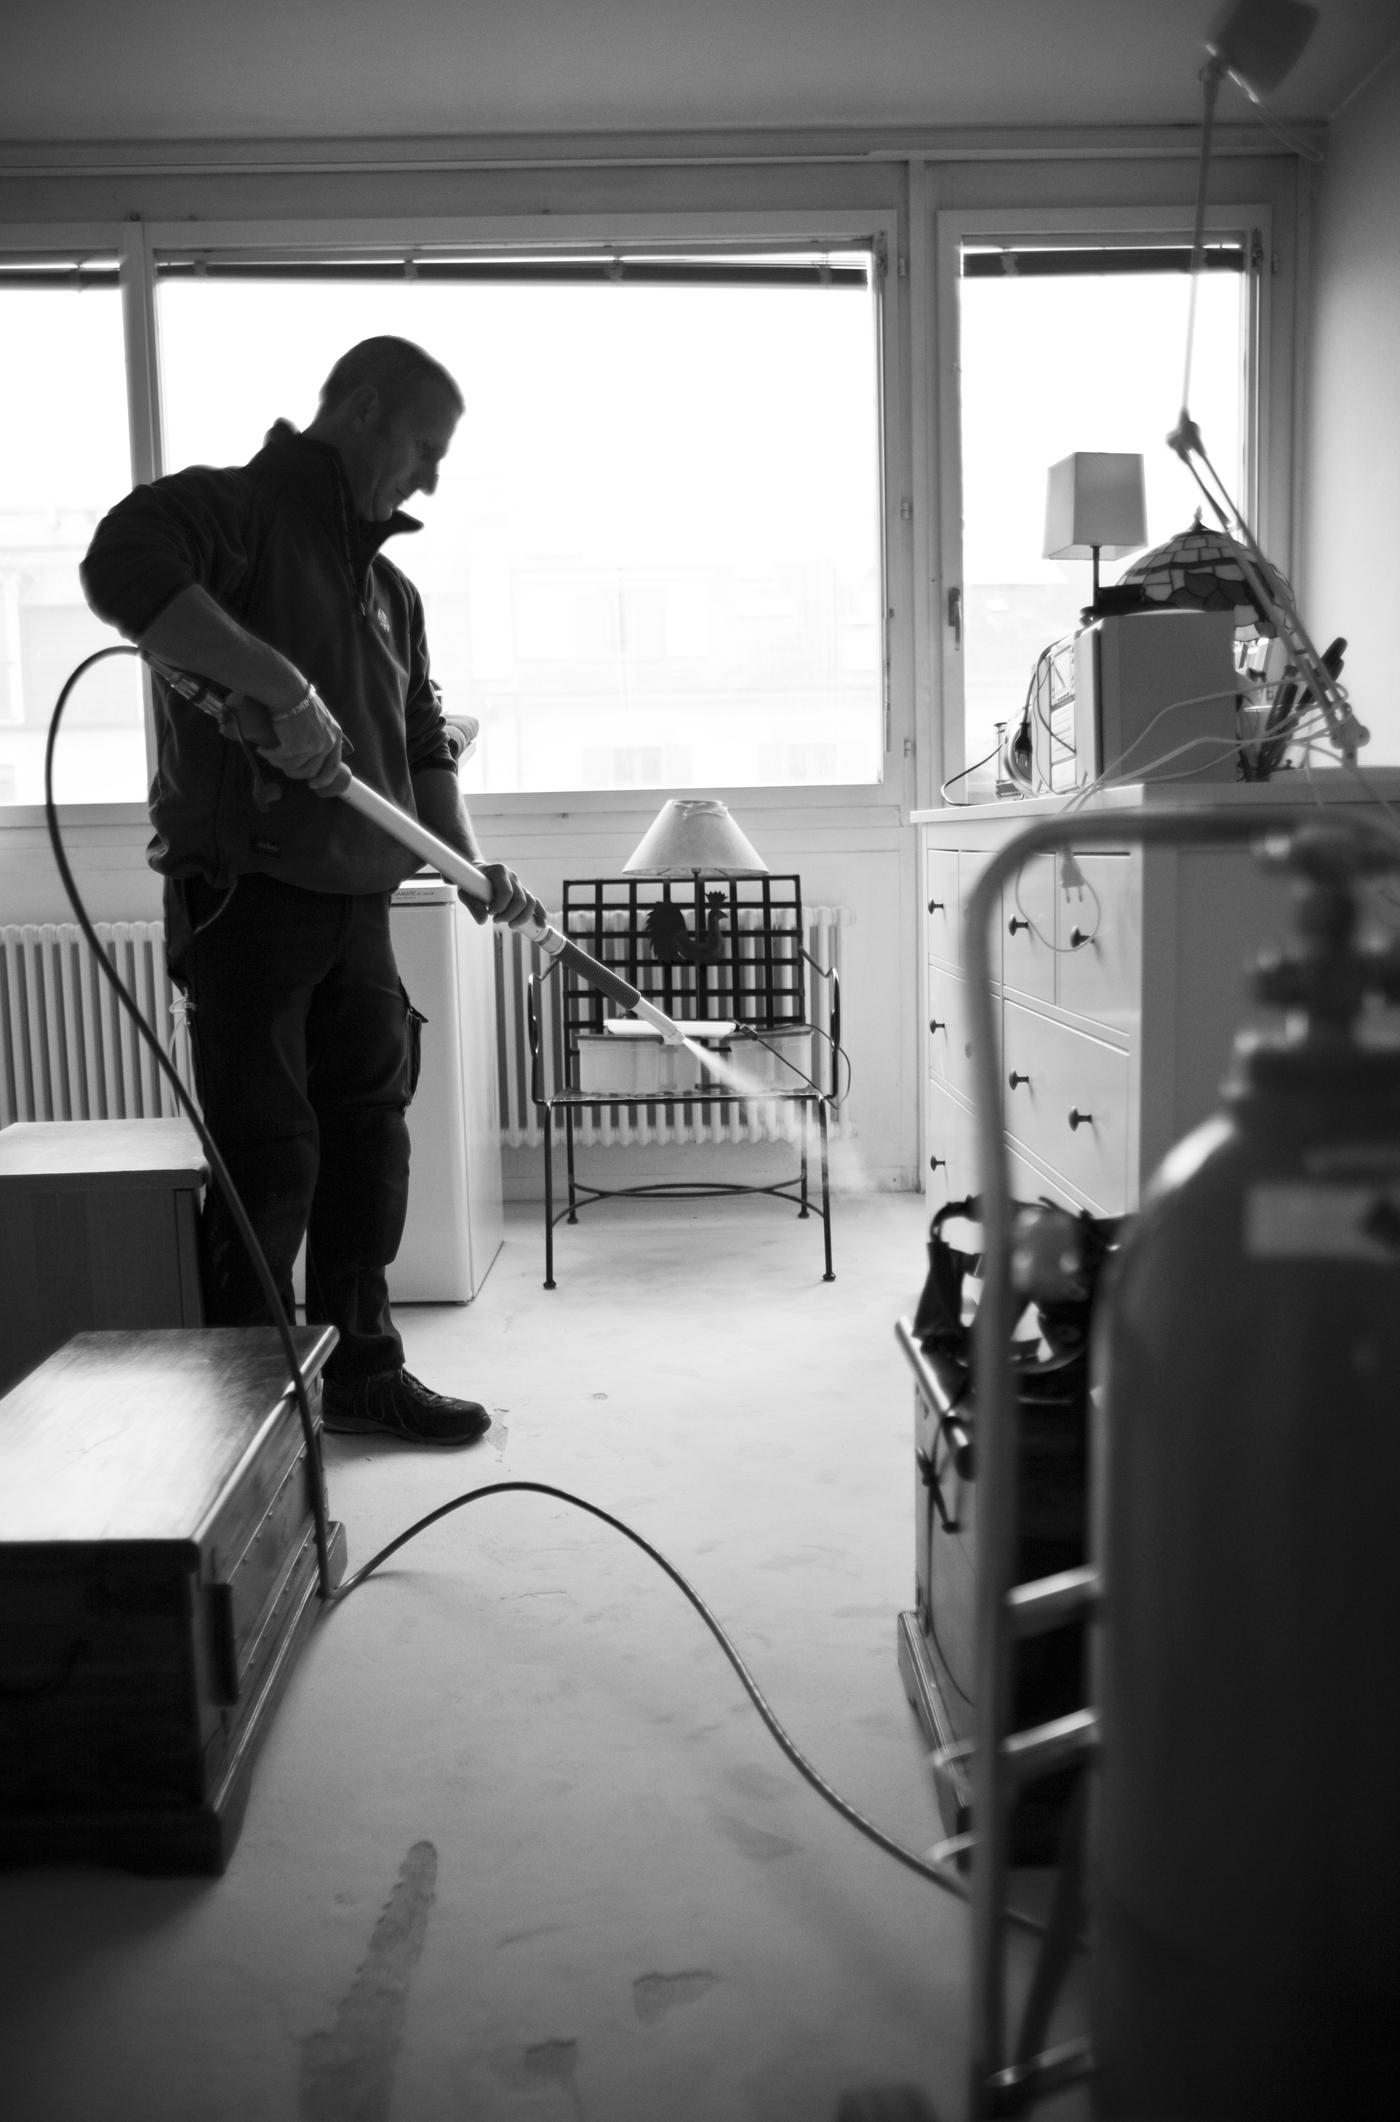 Traitement et d tection de punaises de lit en suisse romande a a - Entreprise desinfection punaises lit ...